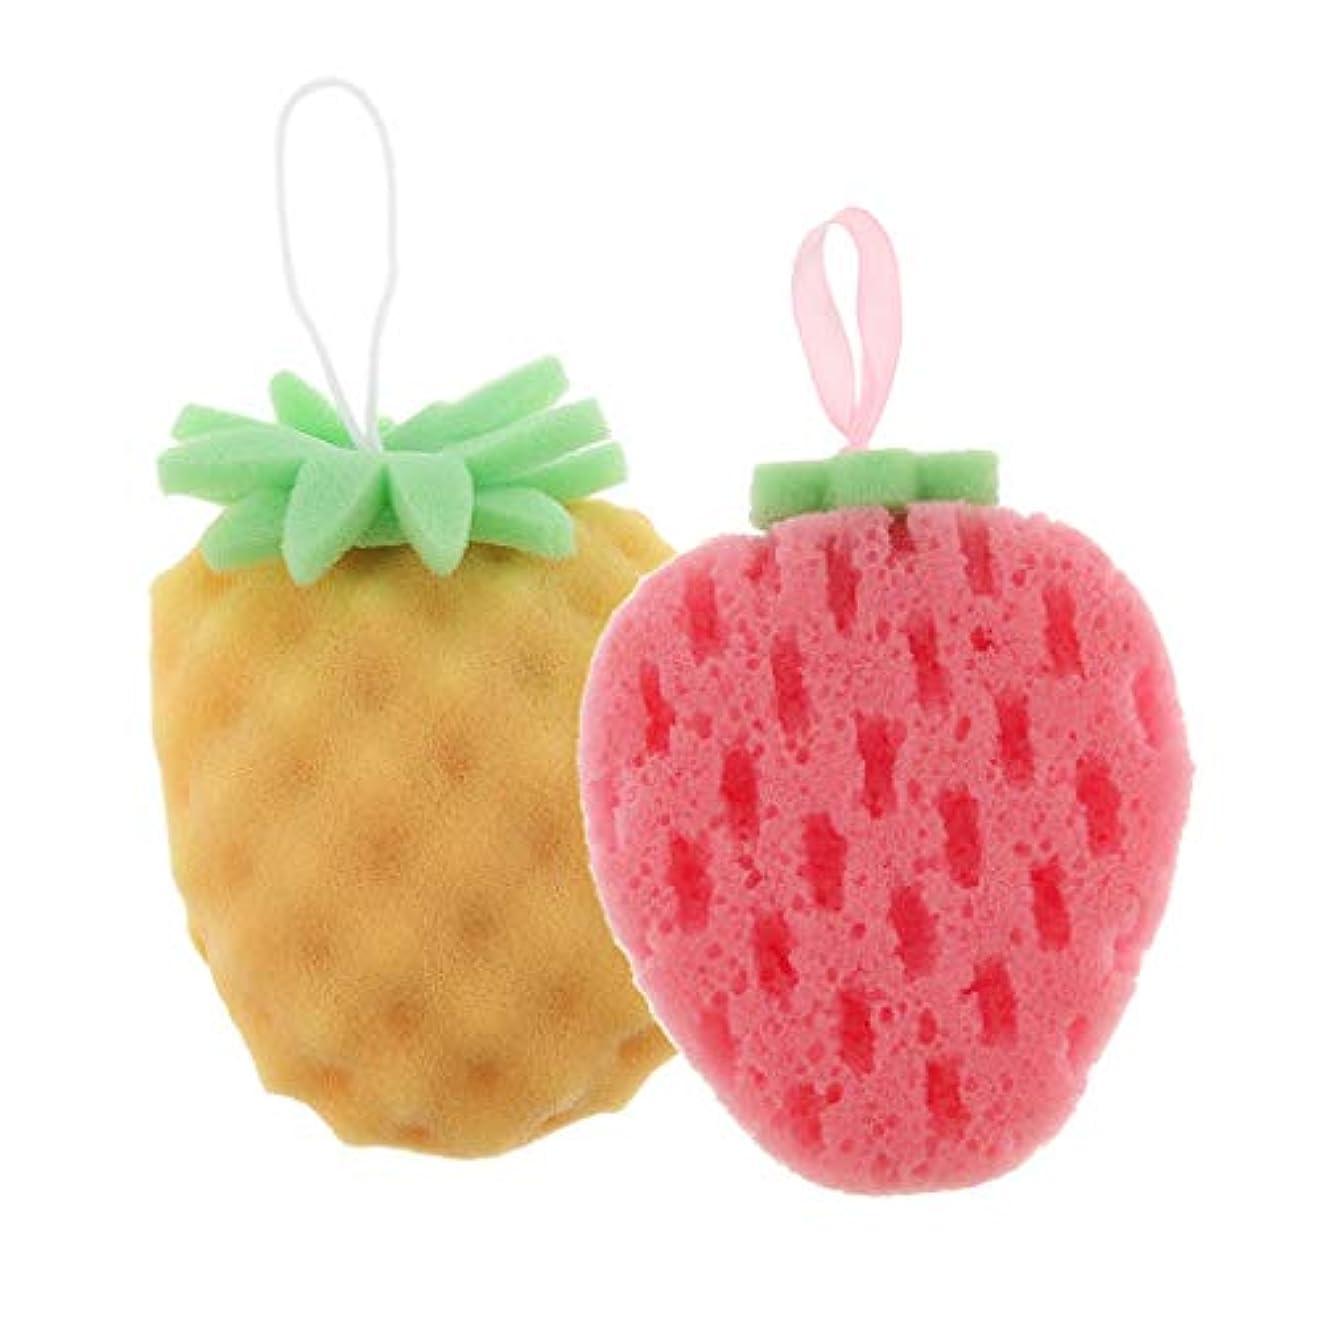 重要な役割を果たす、中心的な手段となる祝う途方もないBaoblaze 2個 バススポンジ ボディスポンジ 可愛い フルーツ 果物の形 子供 お風呂